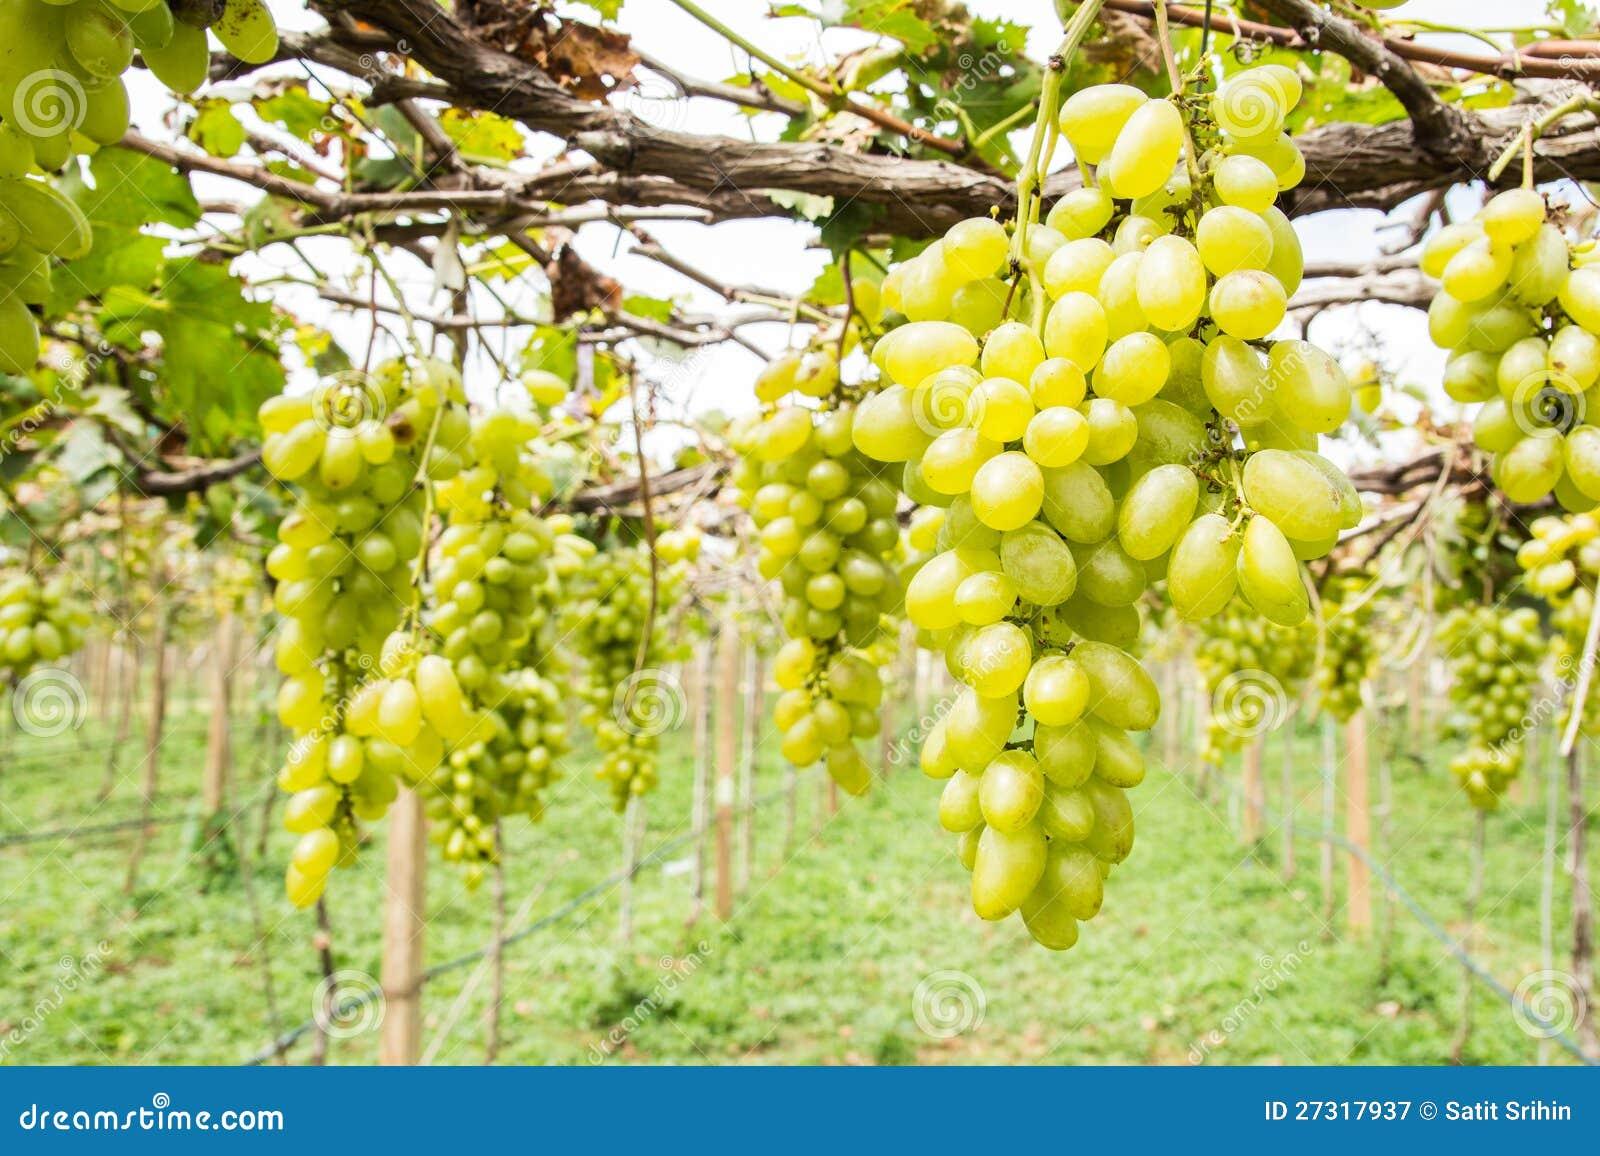 vineyard business plan